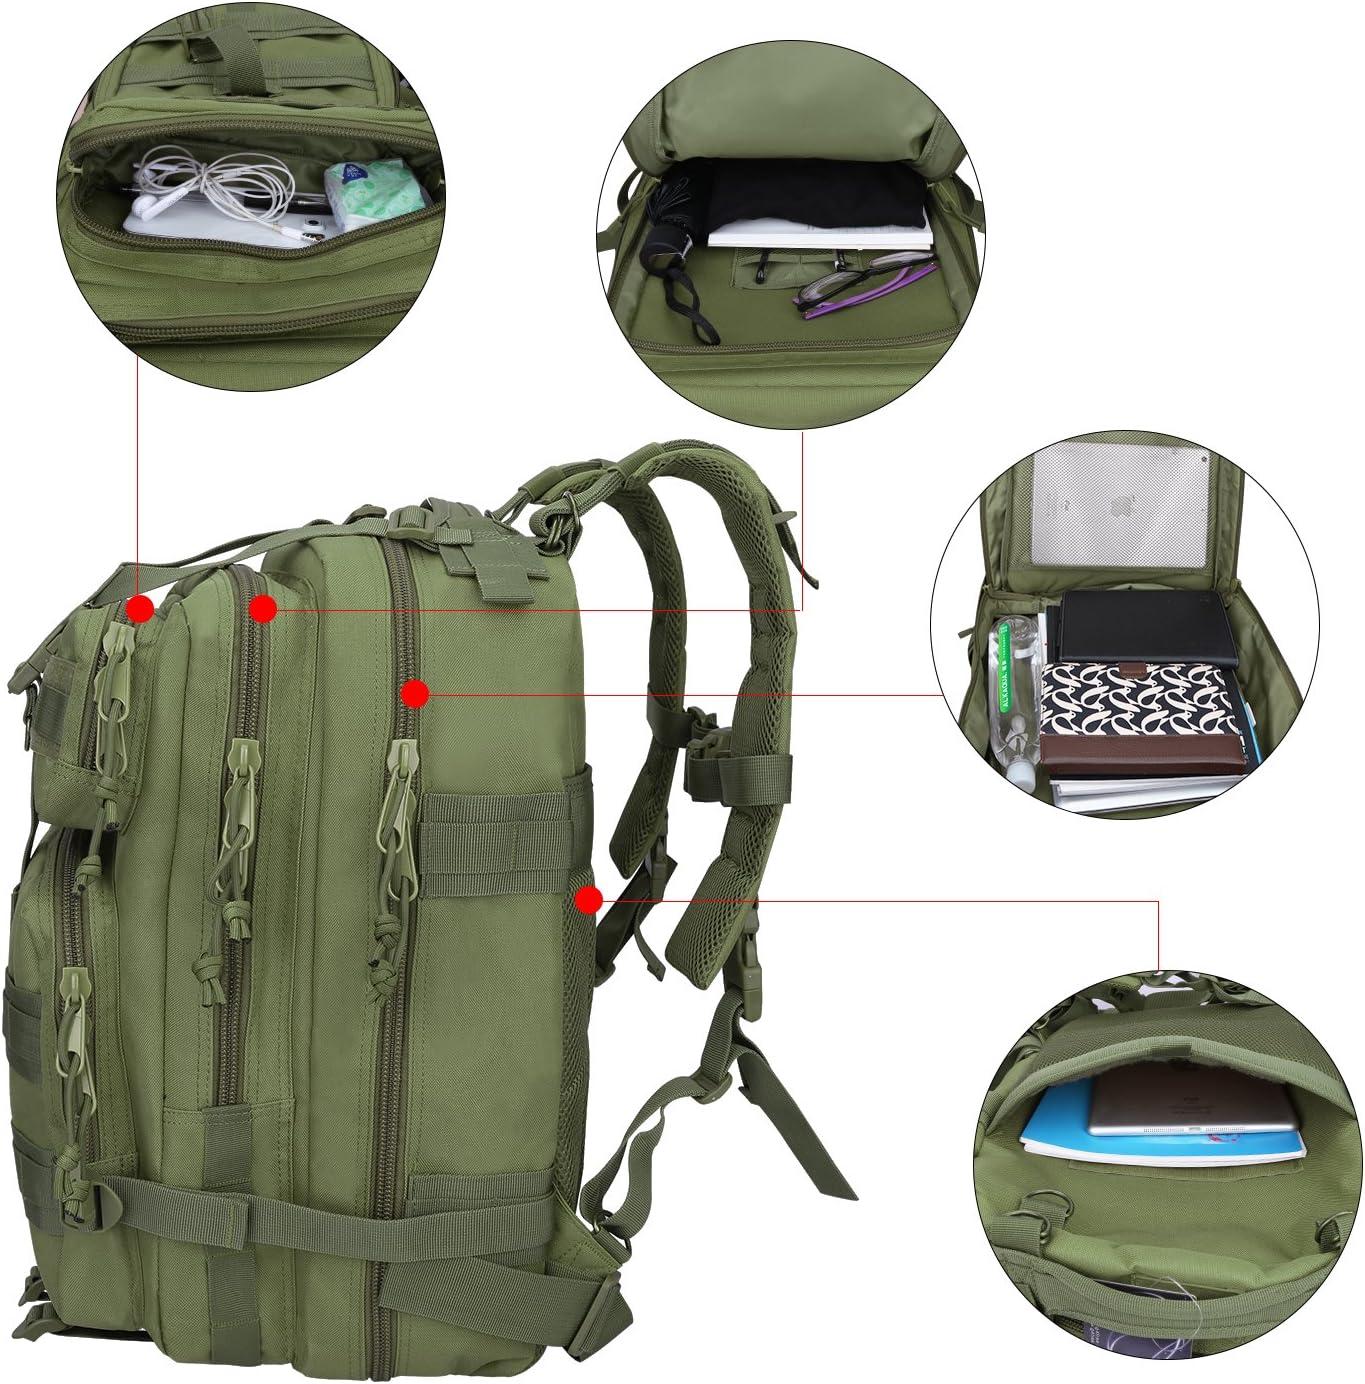 G4Free 40L Mochila T/áctica Resistente al Agua Mochila Militar del Ej/ército Mochila Molle para Senderismo al Aire Libre Camping Trekking Caza Viajar